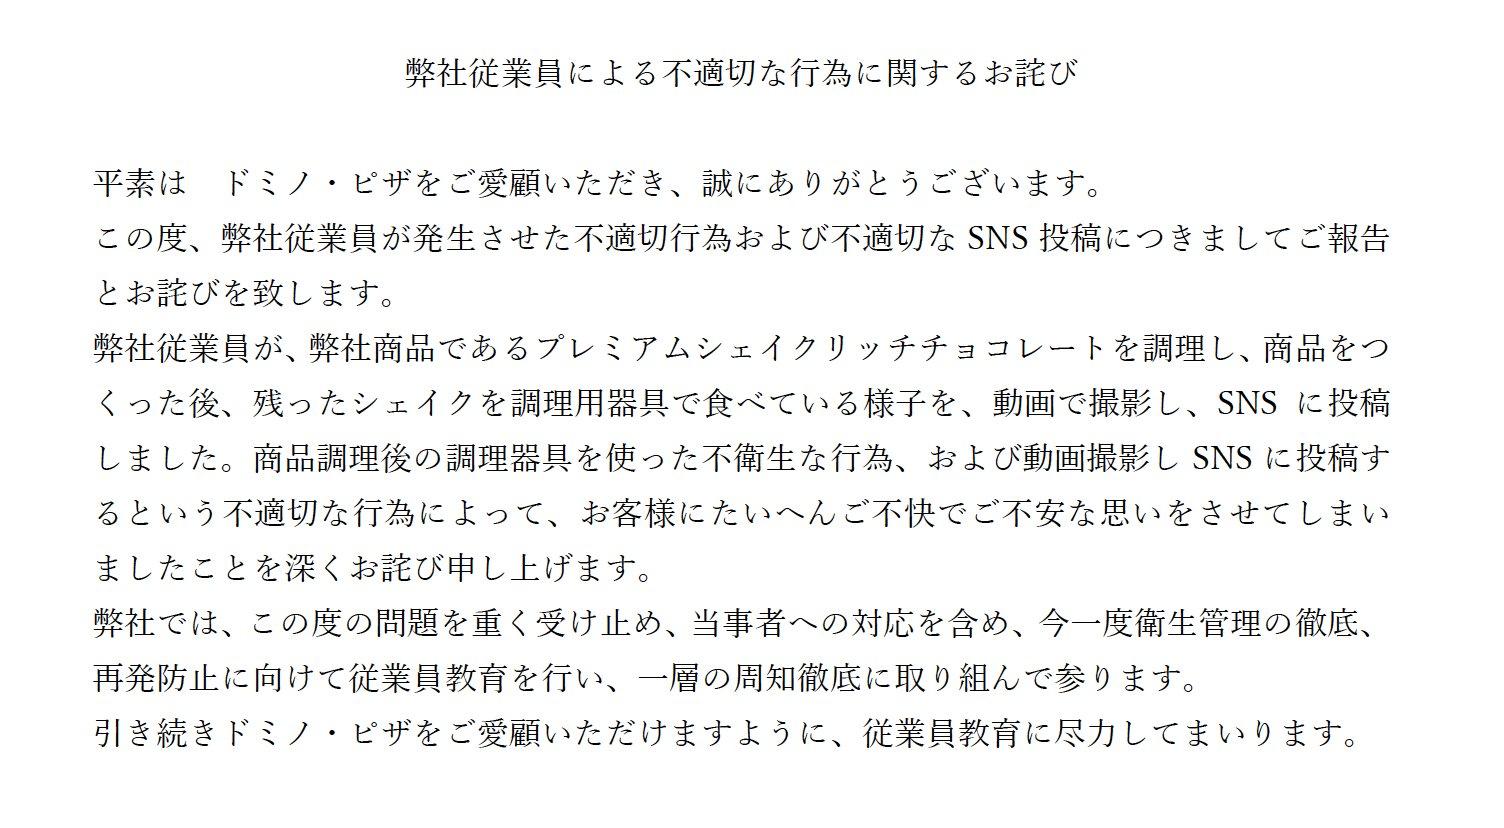 画像,弊社従業員による不適切な行為に関するお詫び https://t.co/vskhQfS1DY。